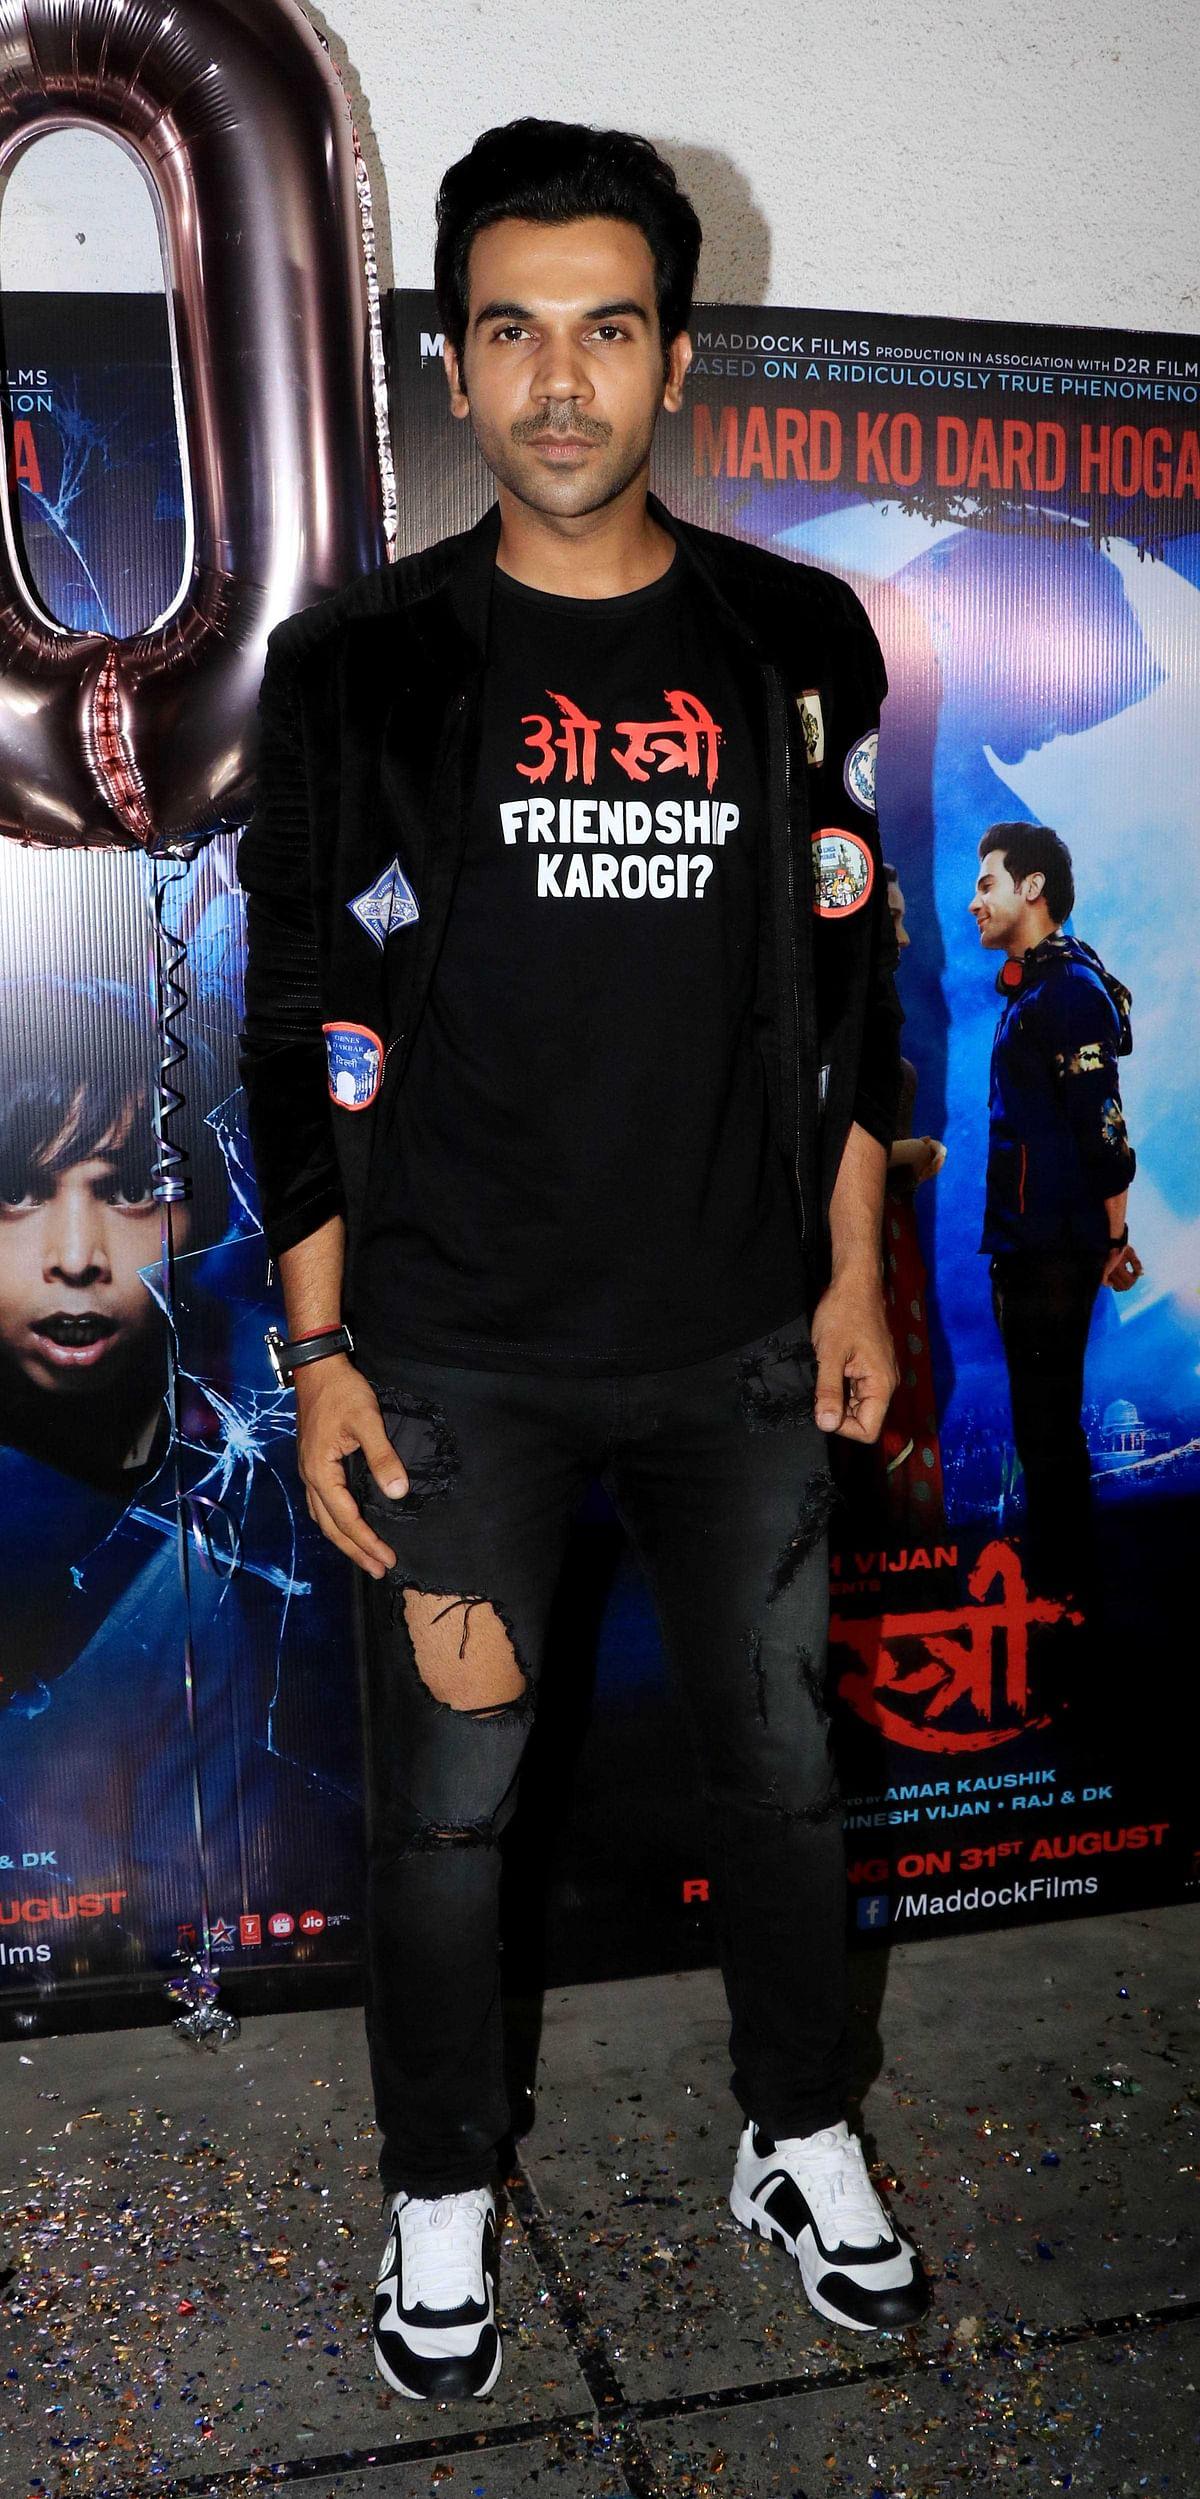 Rajkummar looks dashing in an all-black ensemble.